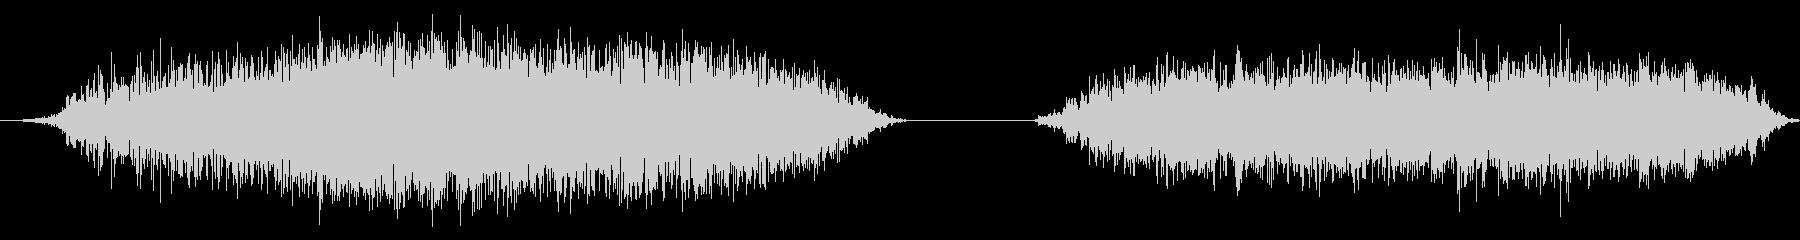 大きな黒いハゲタカ:2つのシューと...の未再生の波形